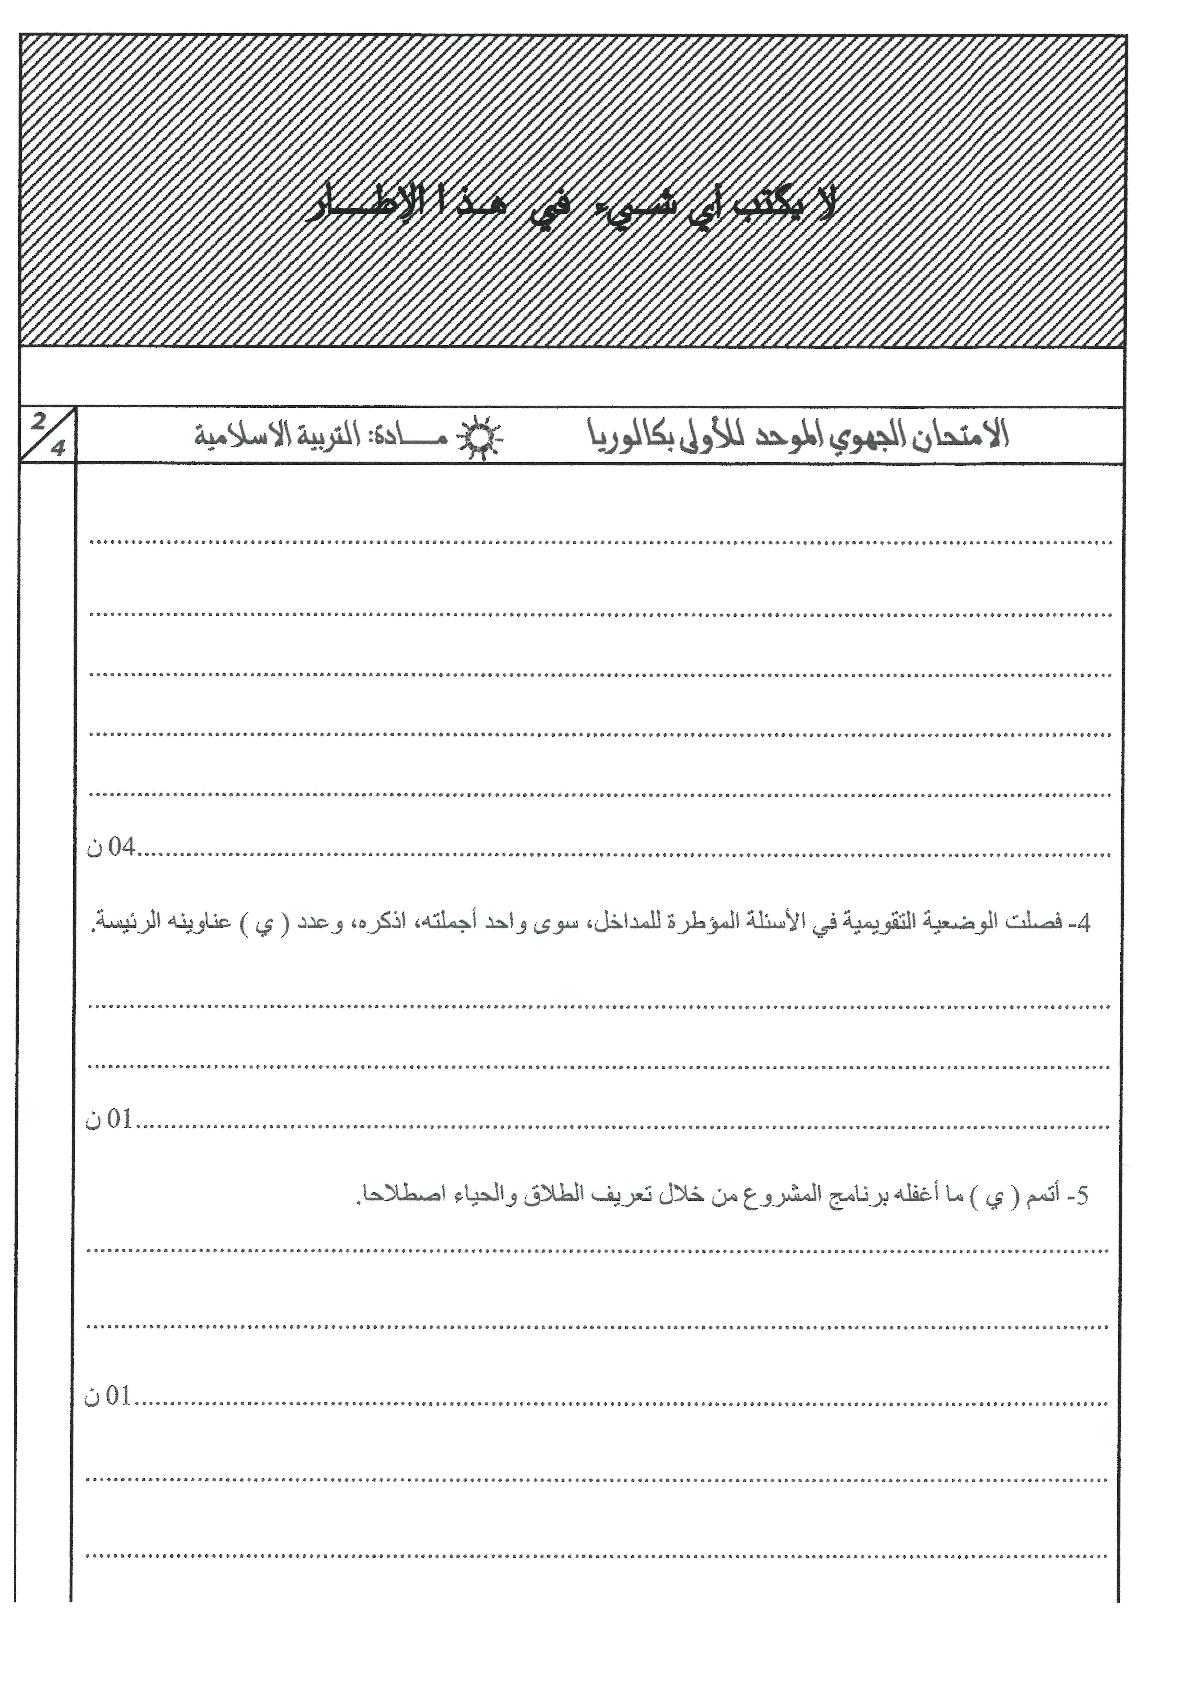 الامتحان الجهوي في التربية الإسلامية اولى باك 2018 - طنجة تطوان الحسيمة